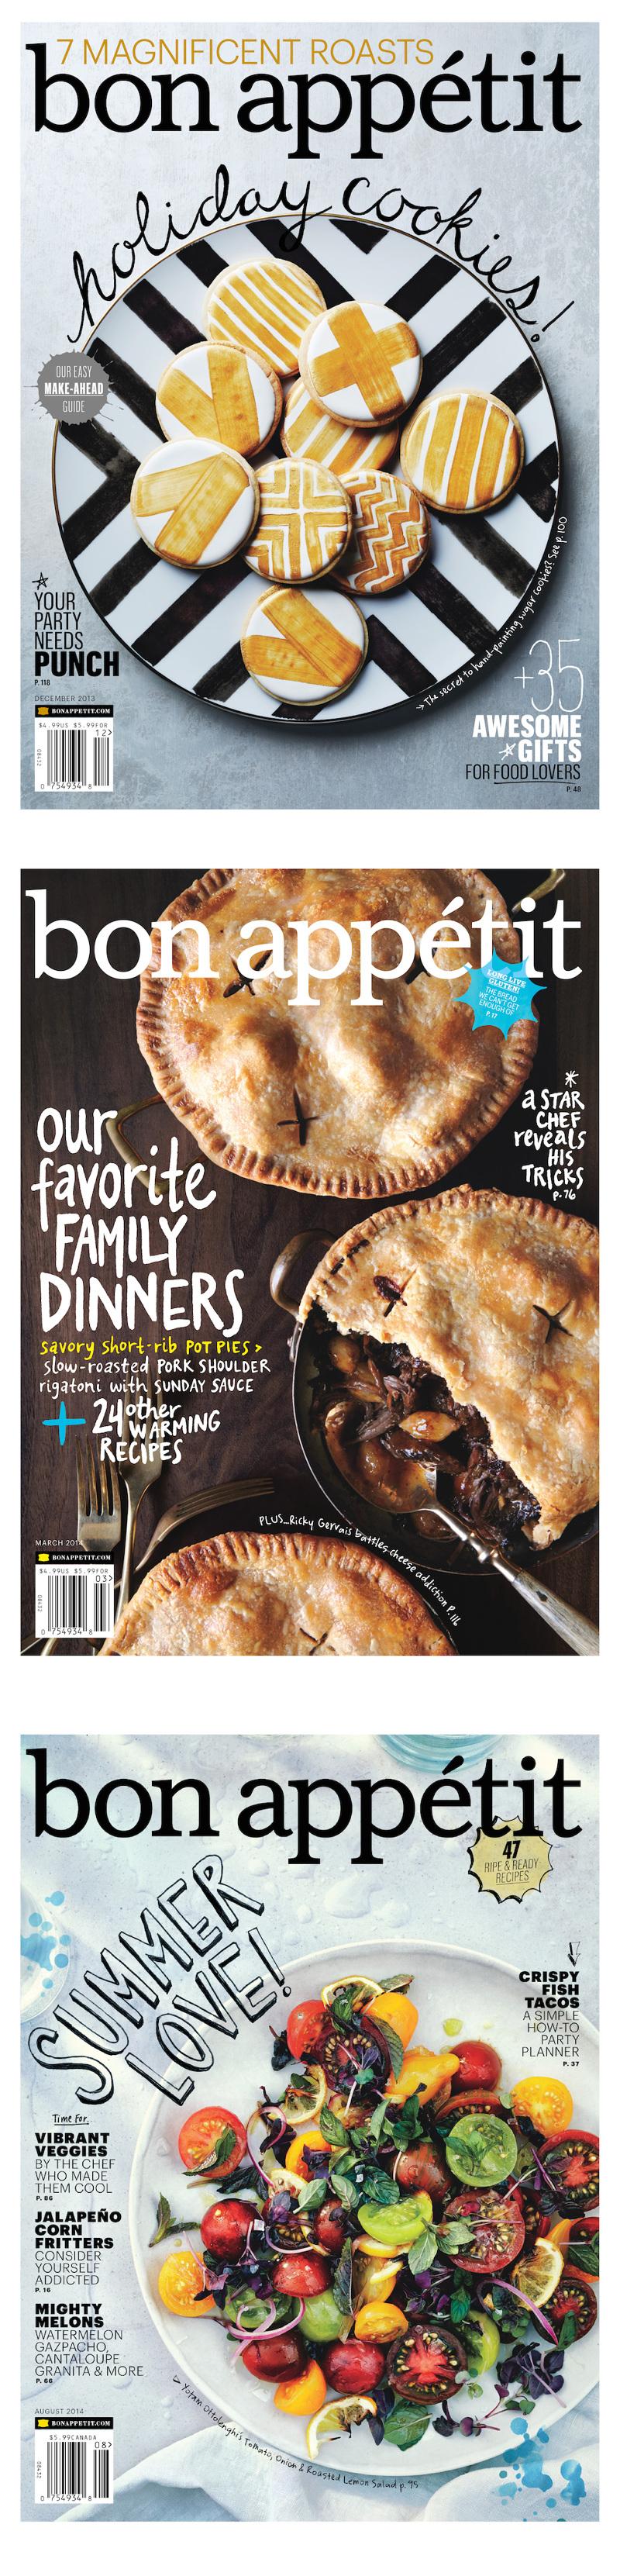 美食杂志封面版式设计